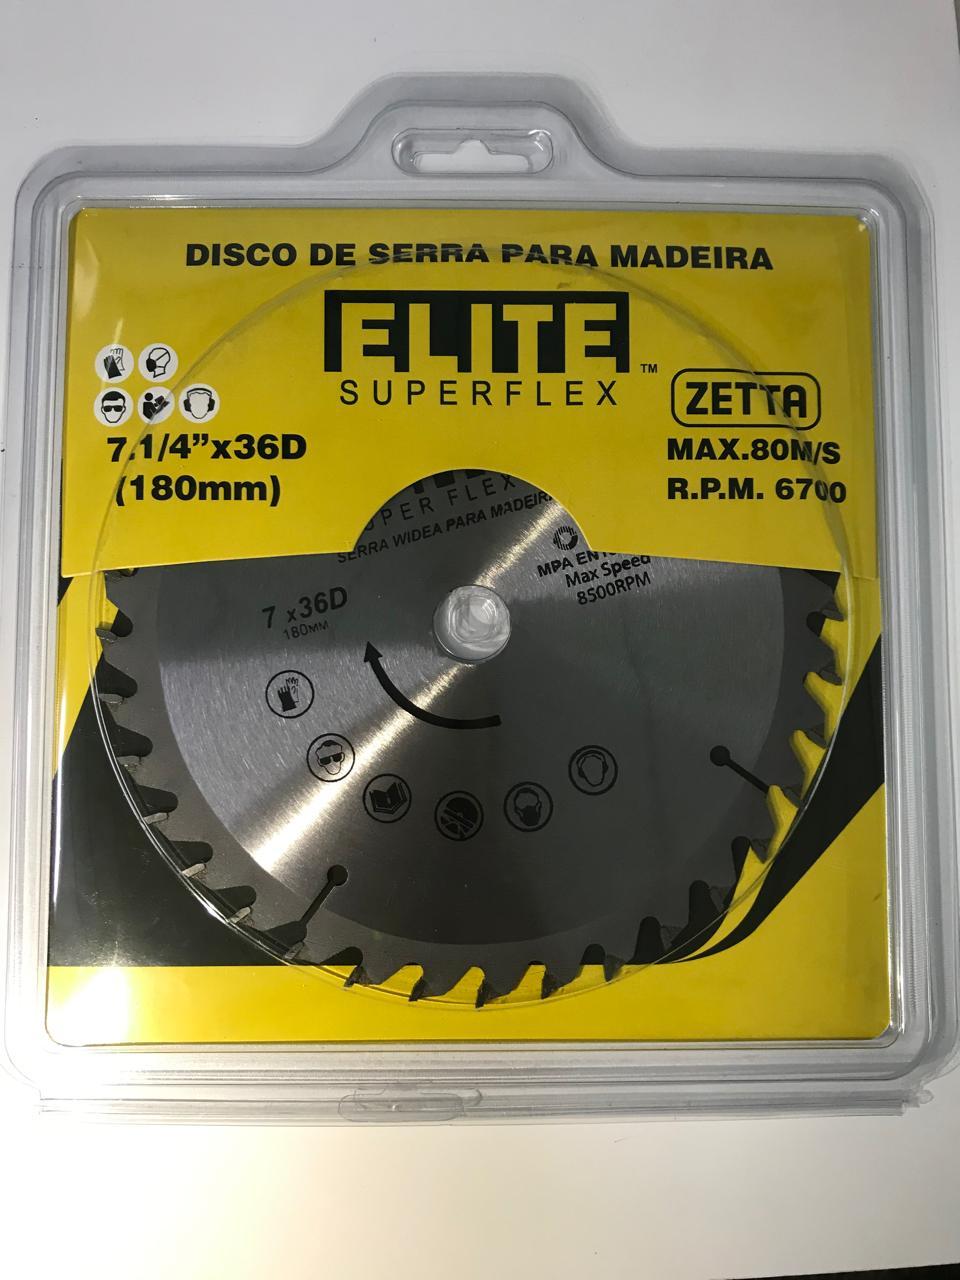 Elite serra videa madeira 7.1/4 x 36D 180x1,6